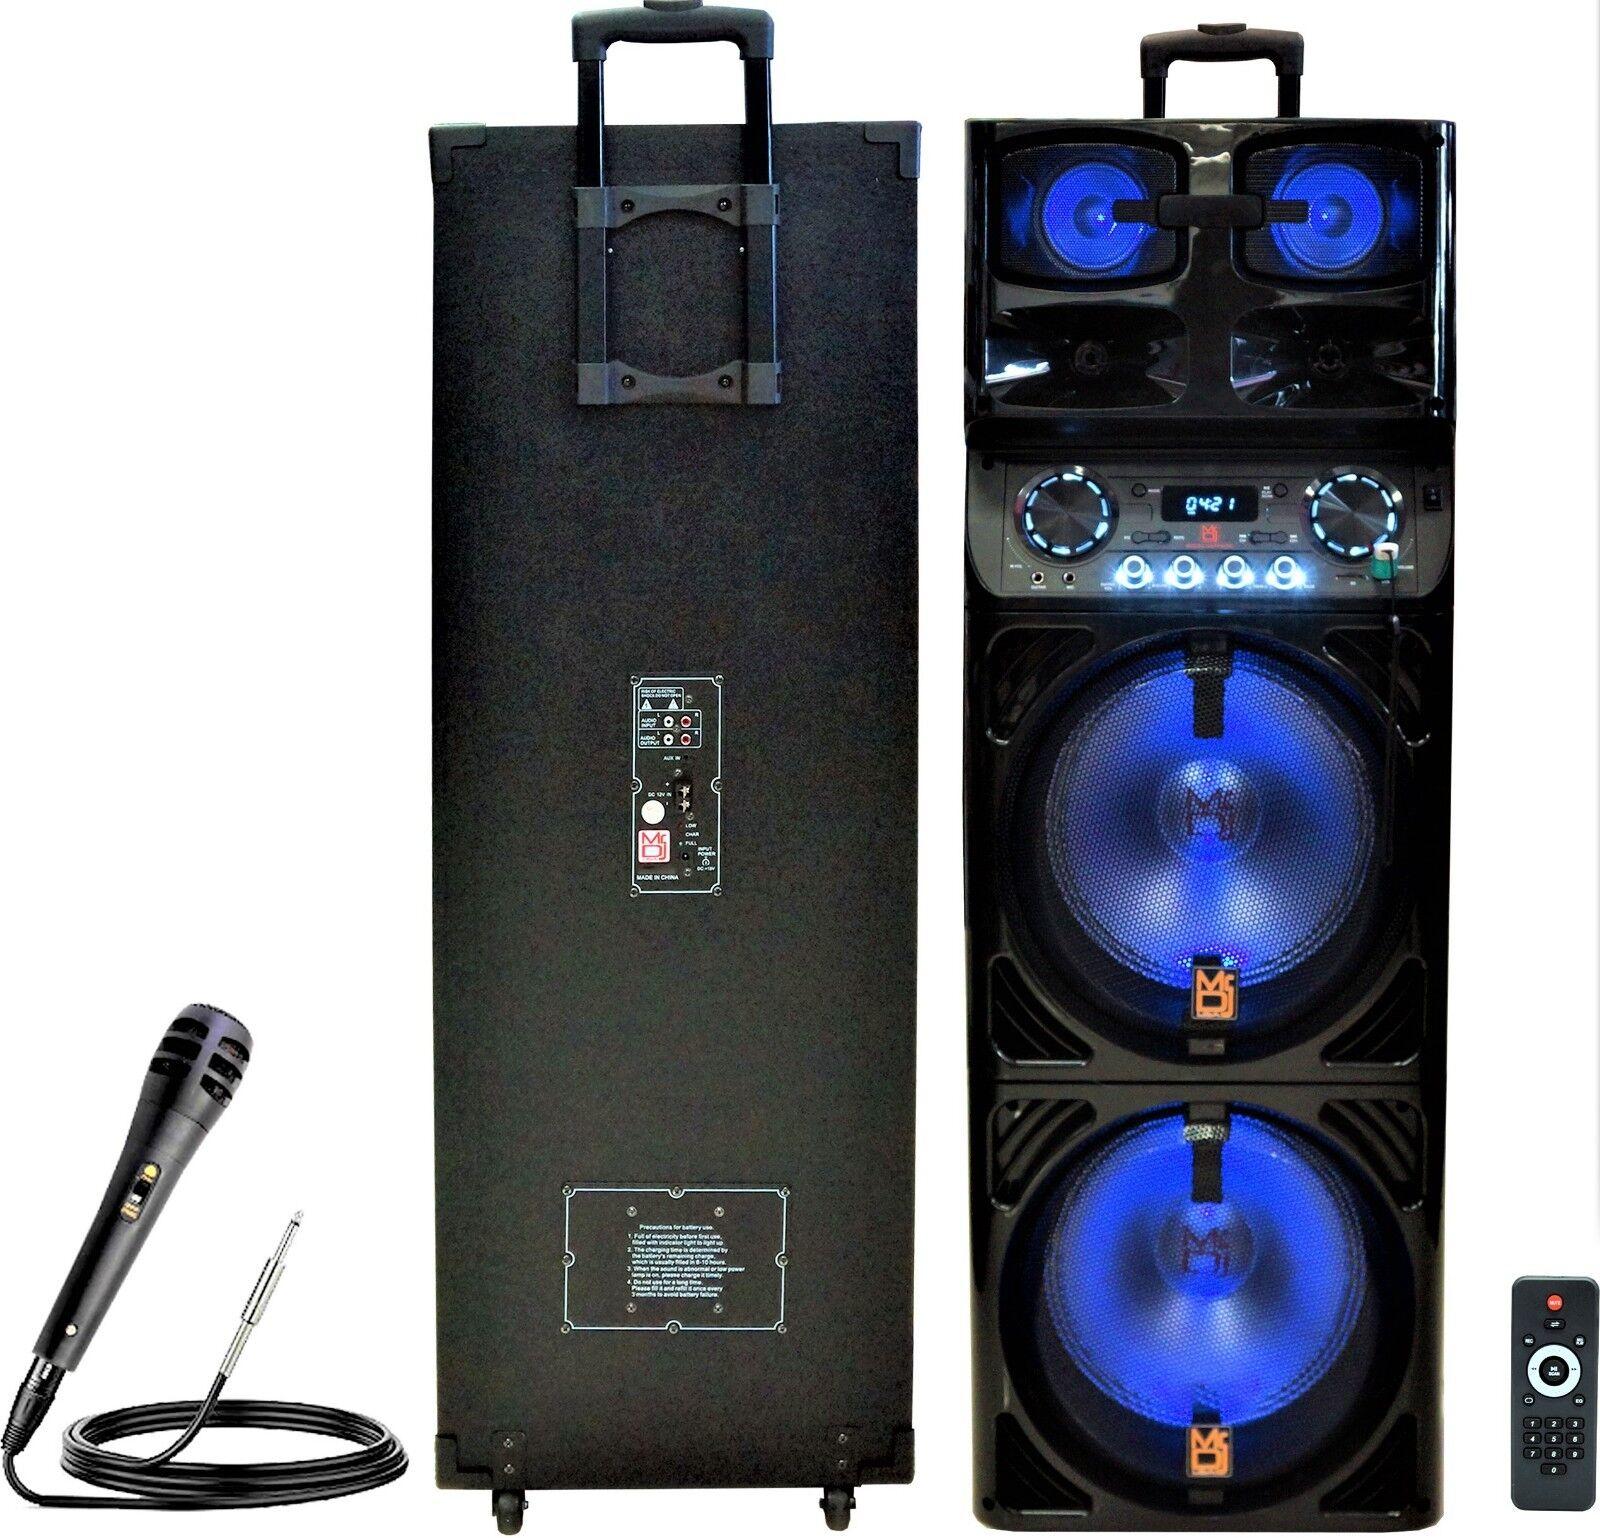 2 MR DJ SAPPHIRE Karaoke Portátil Dual 12  Pro Pro Pro Dj Activo Altavoz Micrófono de dirección pública caf00d